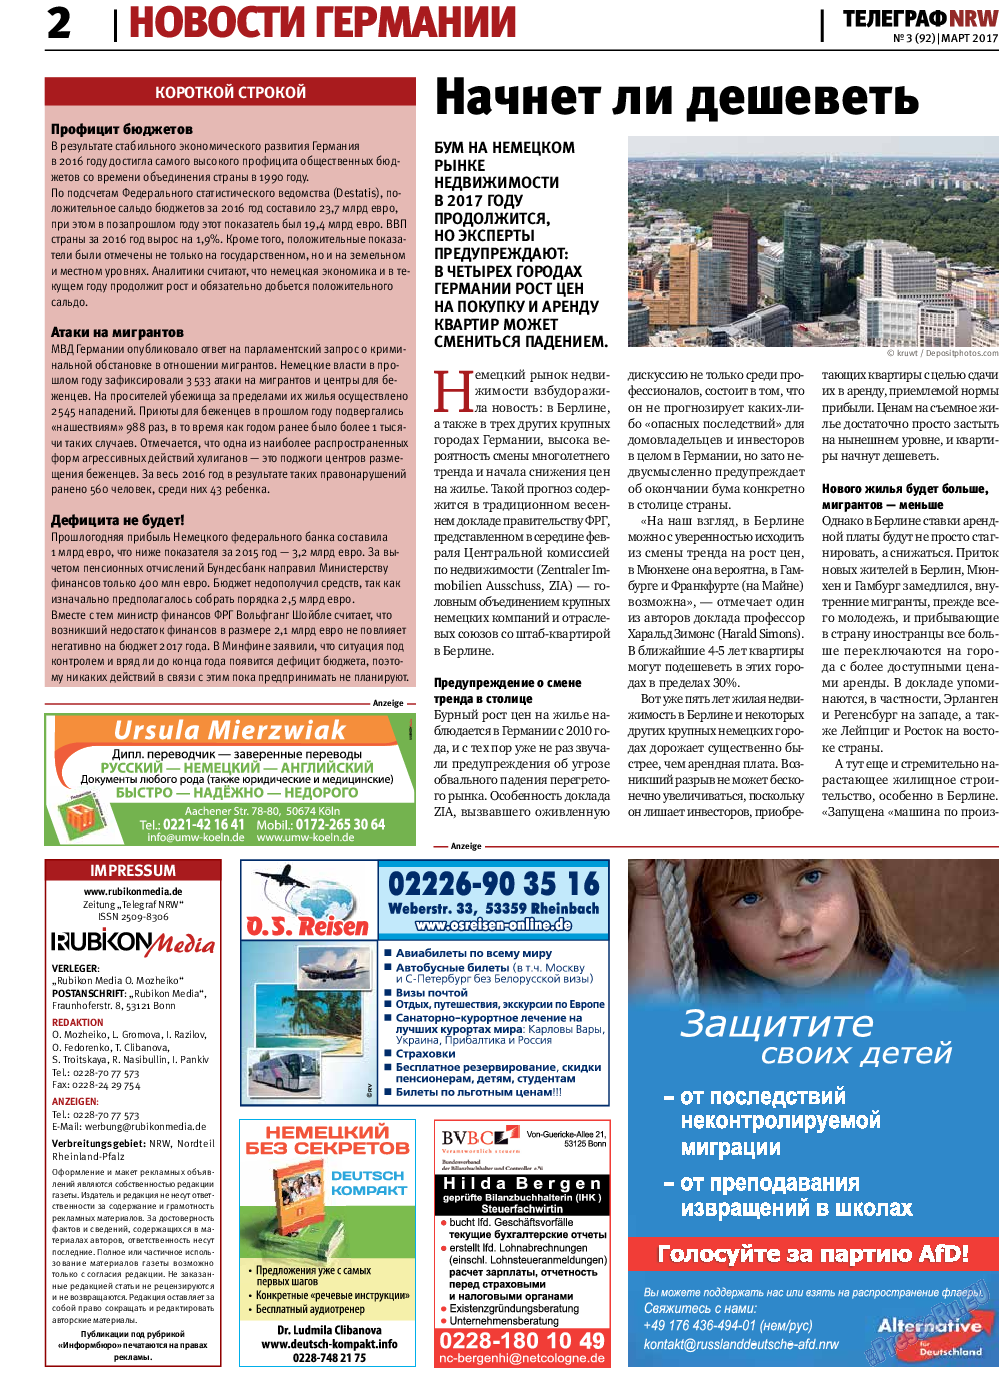 Телеграф NRW (газета). 2017 год, номер 3, стр. 2